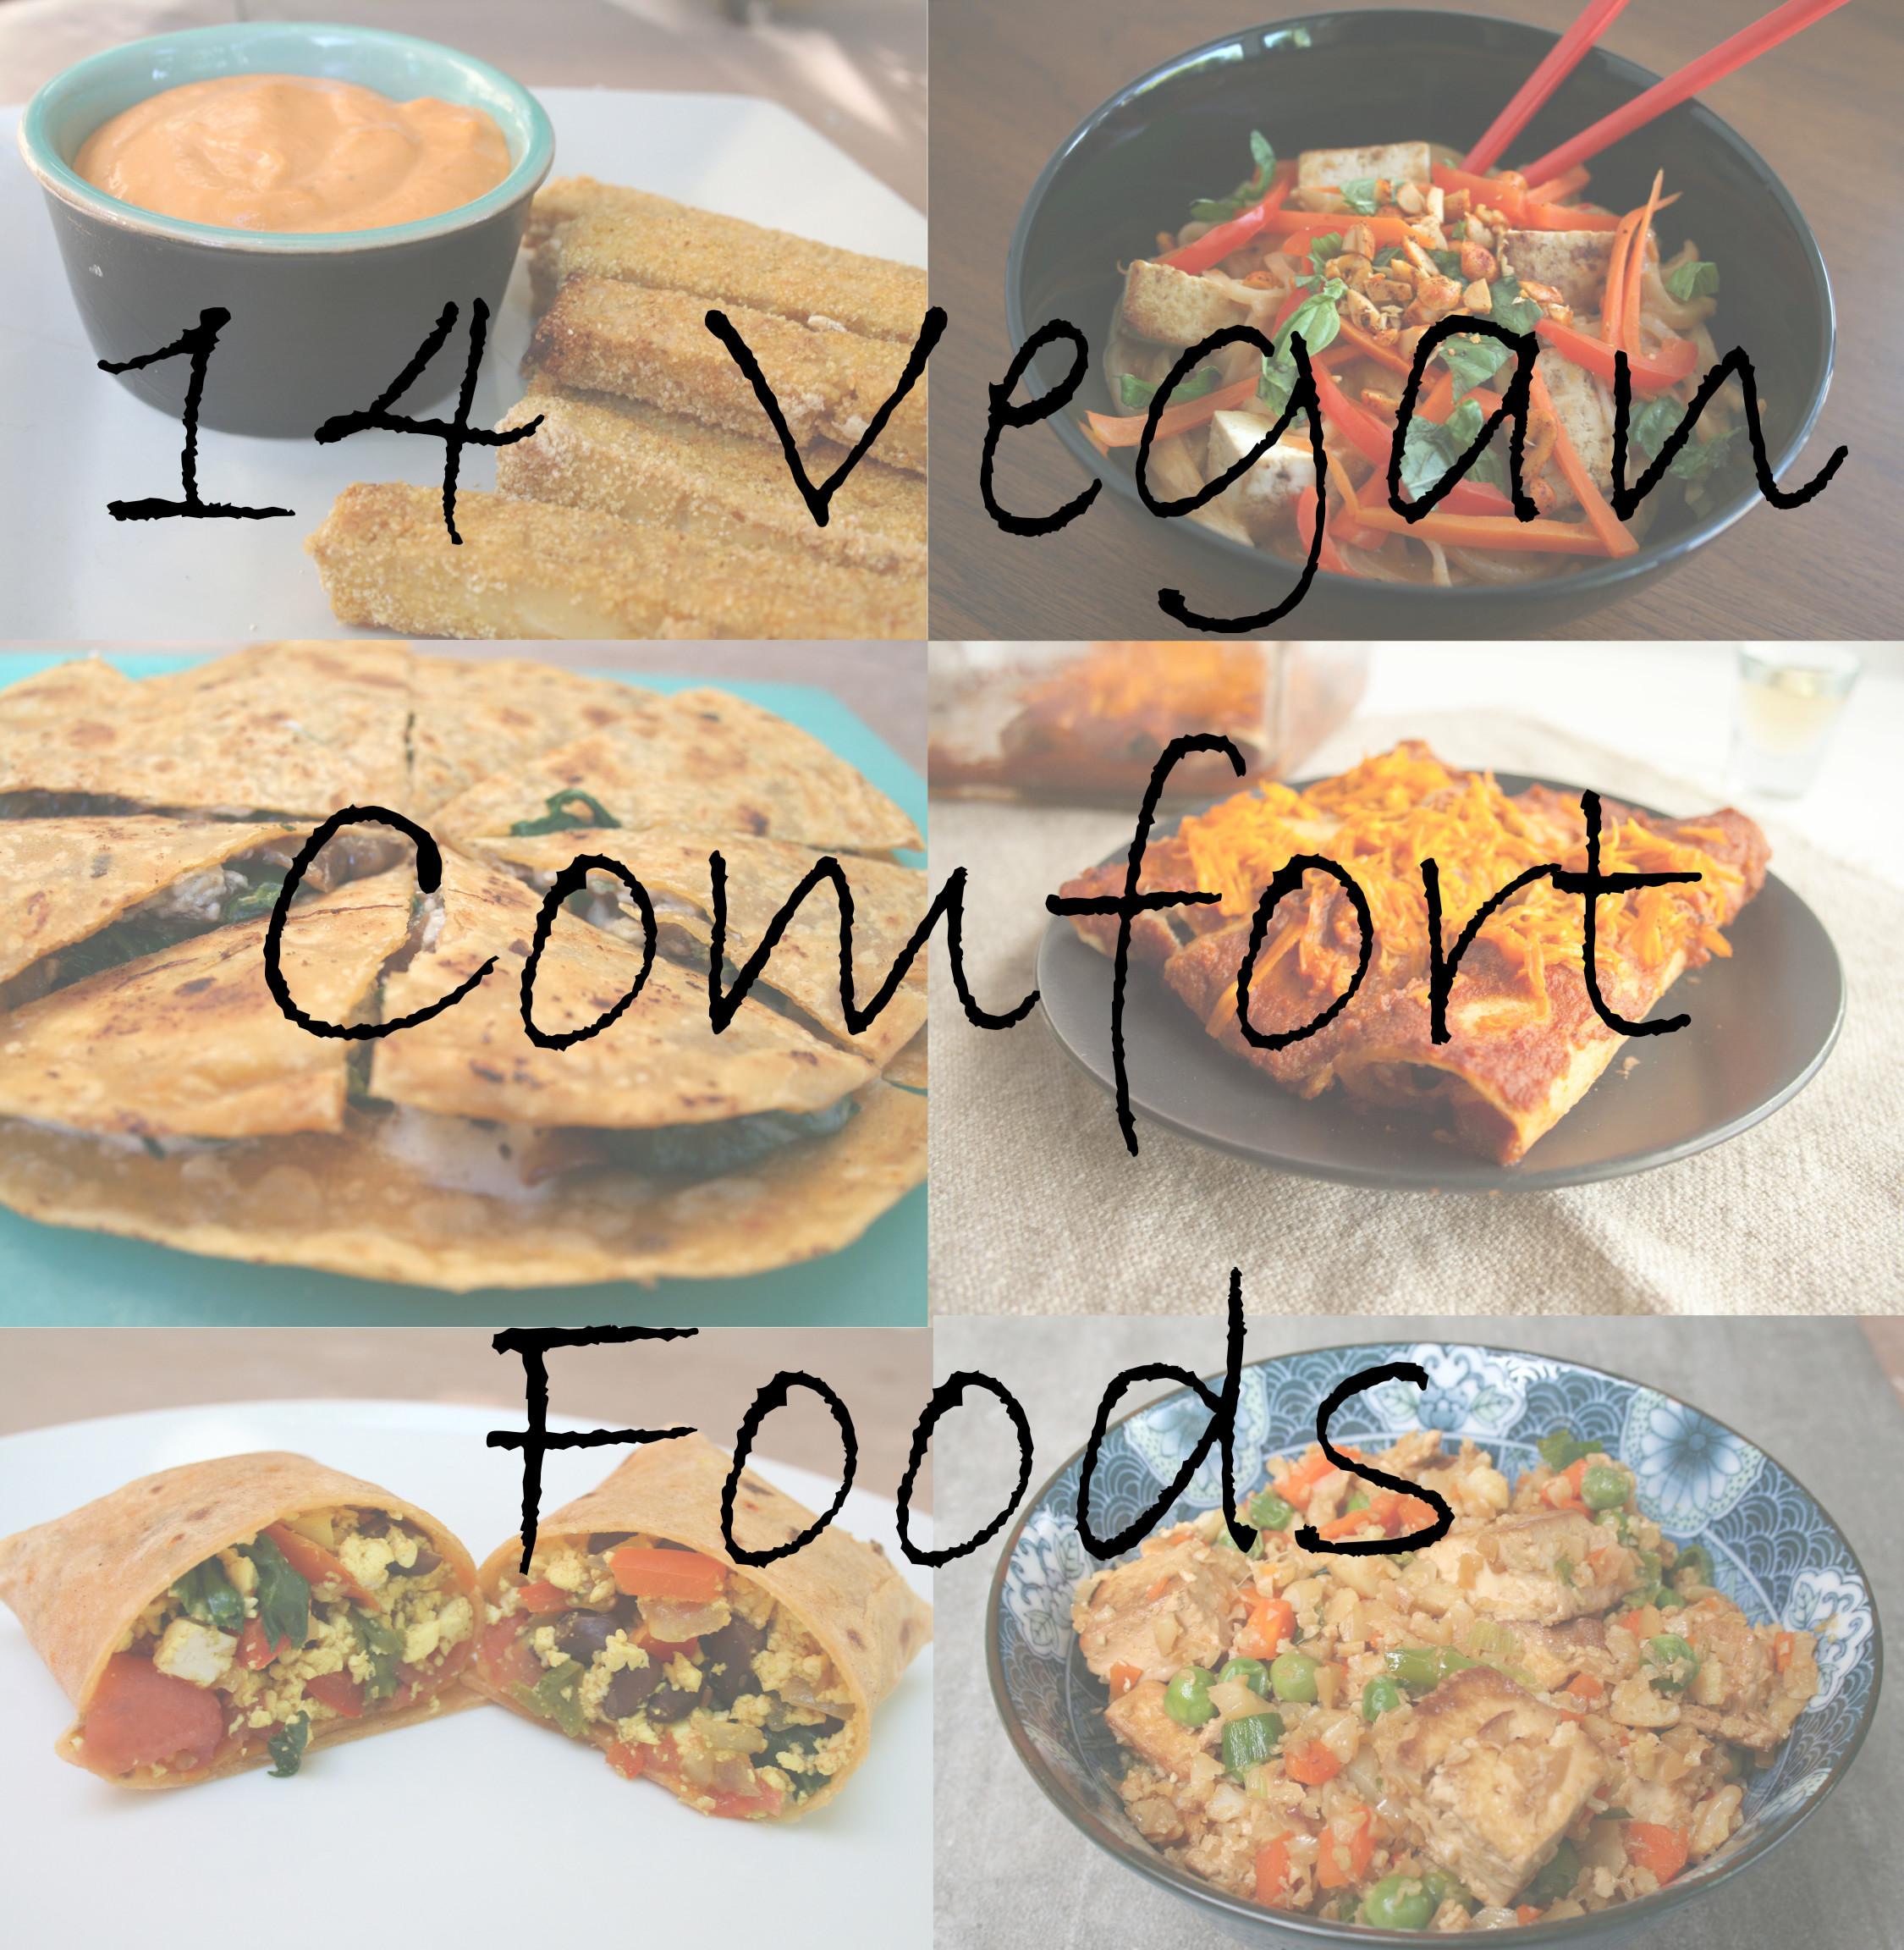 14 Vegan Comfort Foods